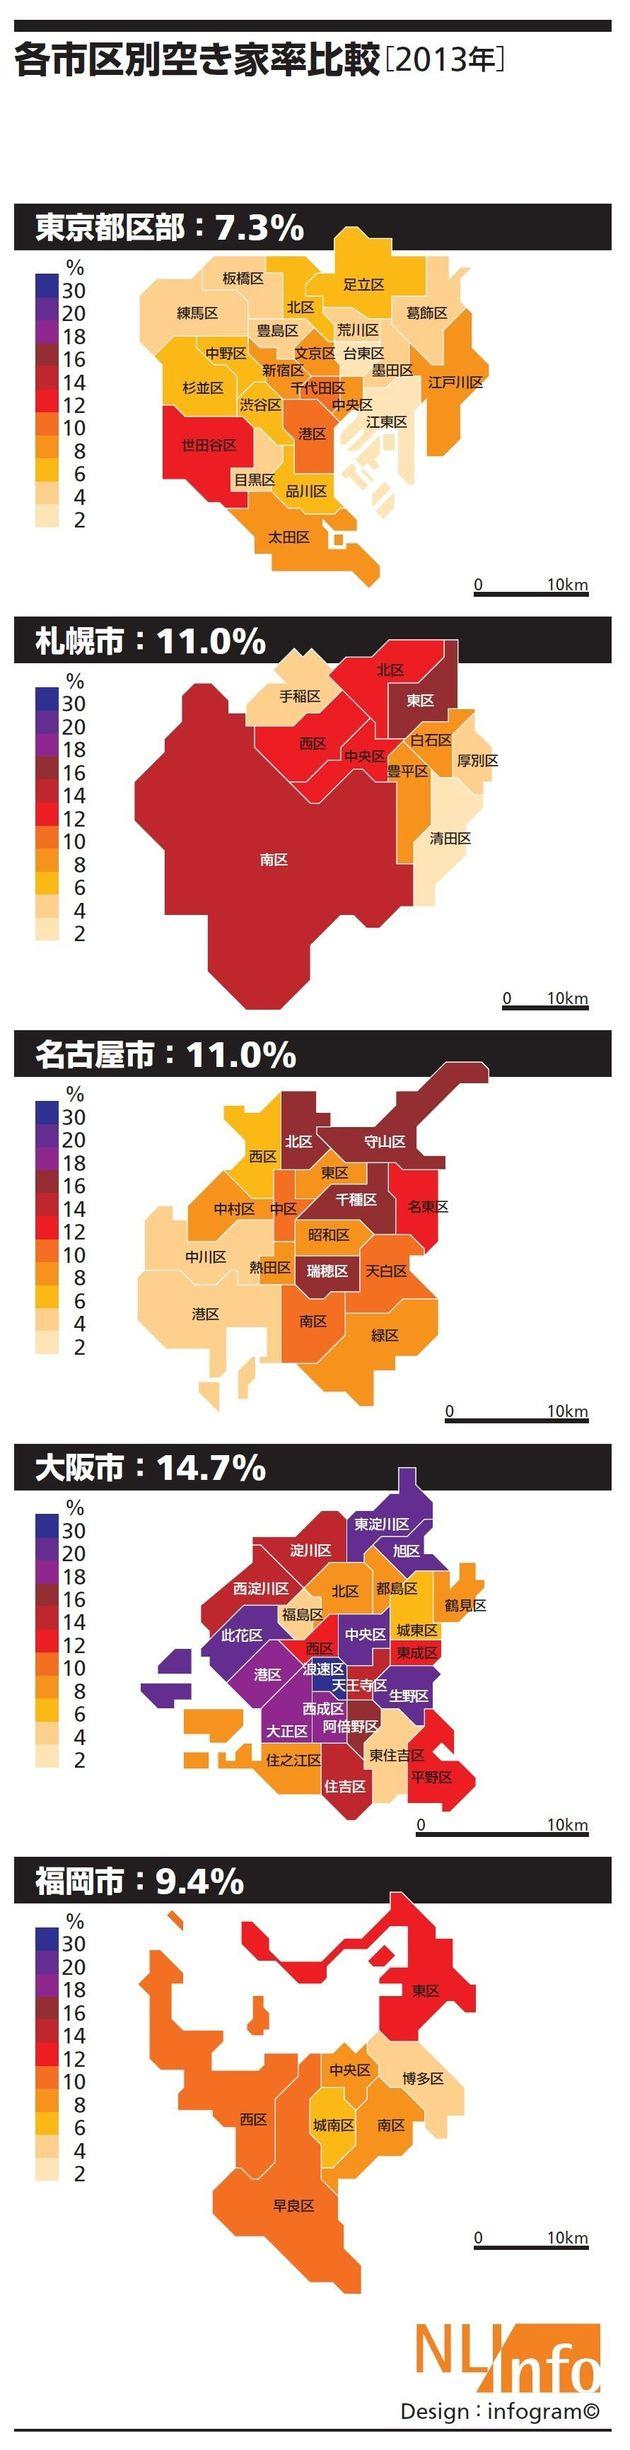 【図解】あなたの隣の家、実は空き家かも?-都市別・エリア別に空き家率を見える化してみた:研究員の眼